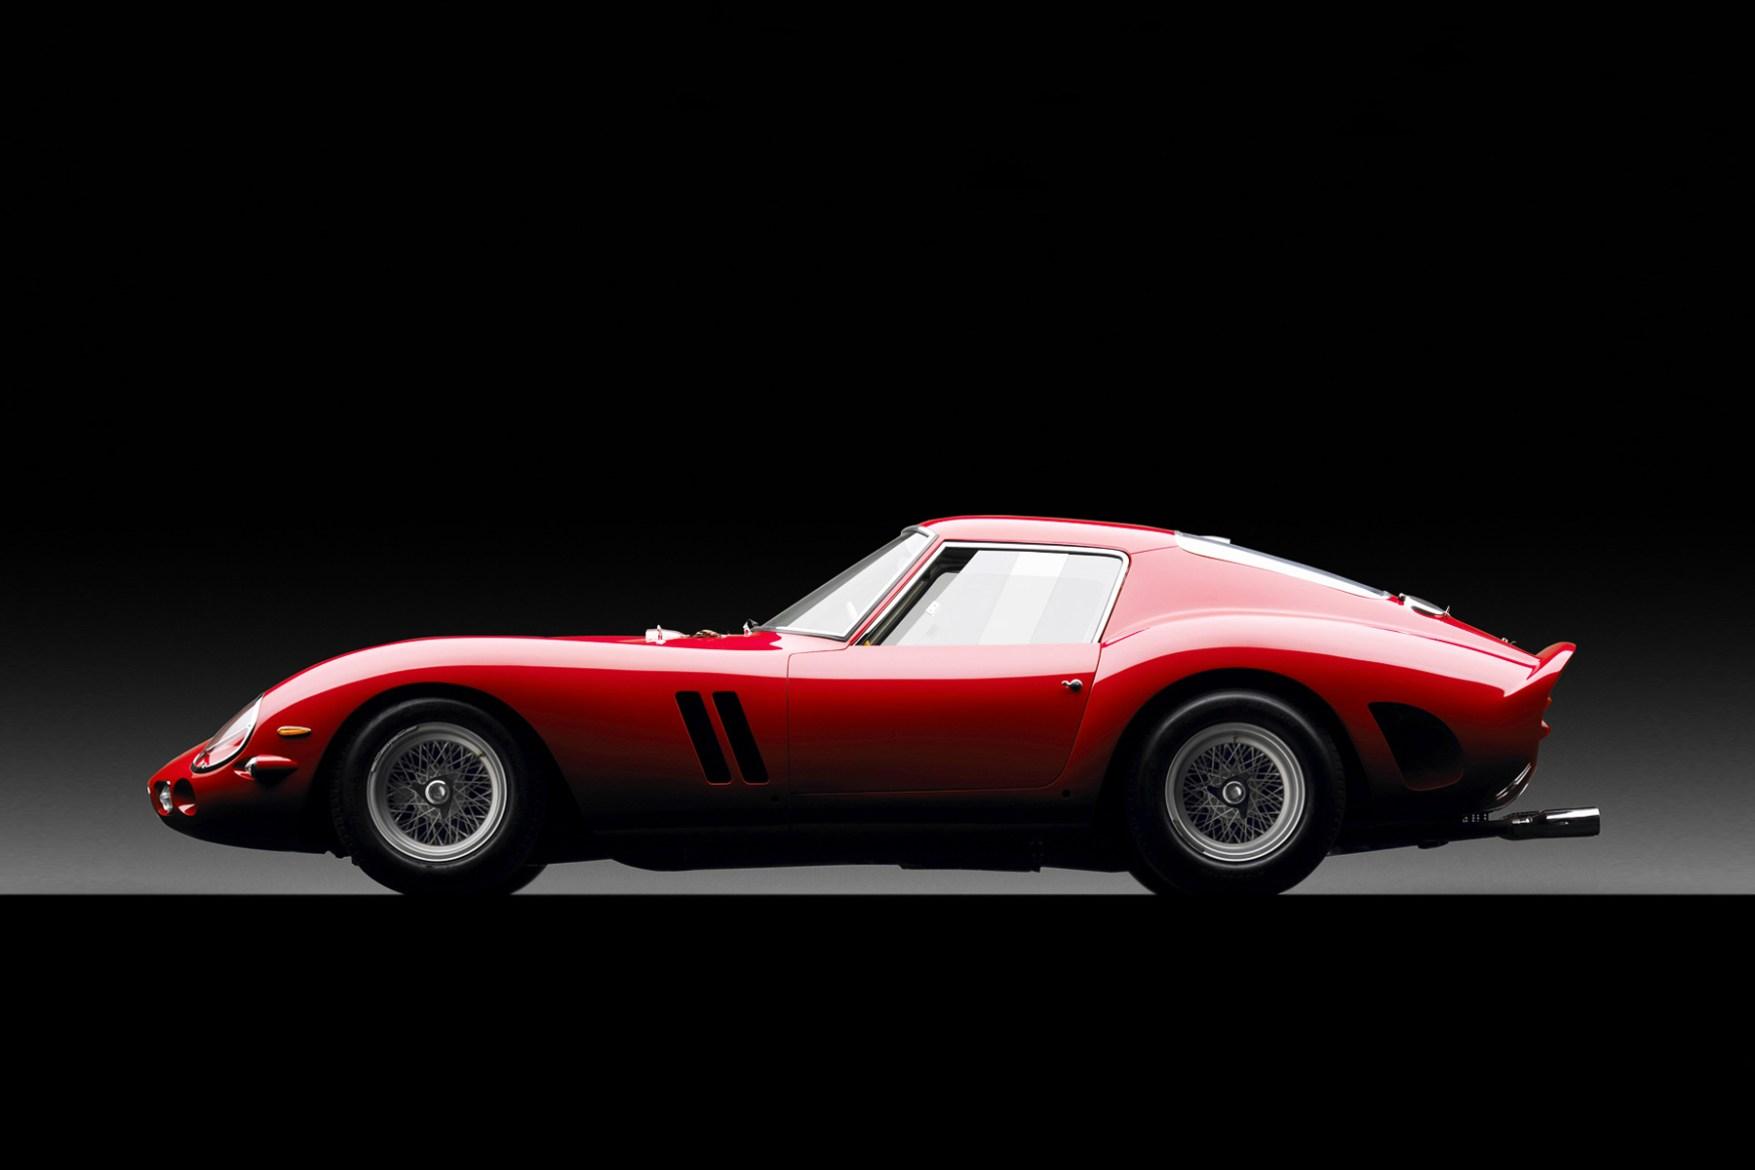 1962 Ferrari 250 GTO to Hit the Auction Block for €40 Million Euros